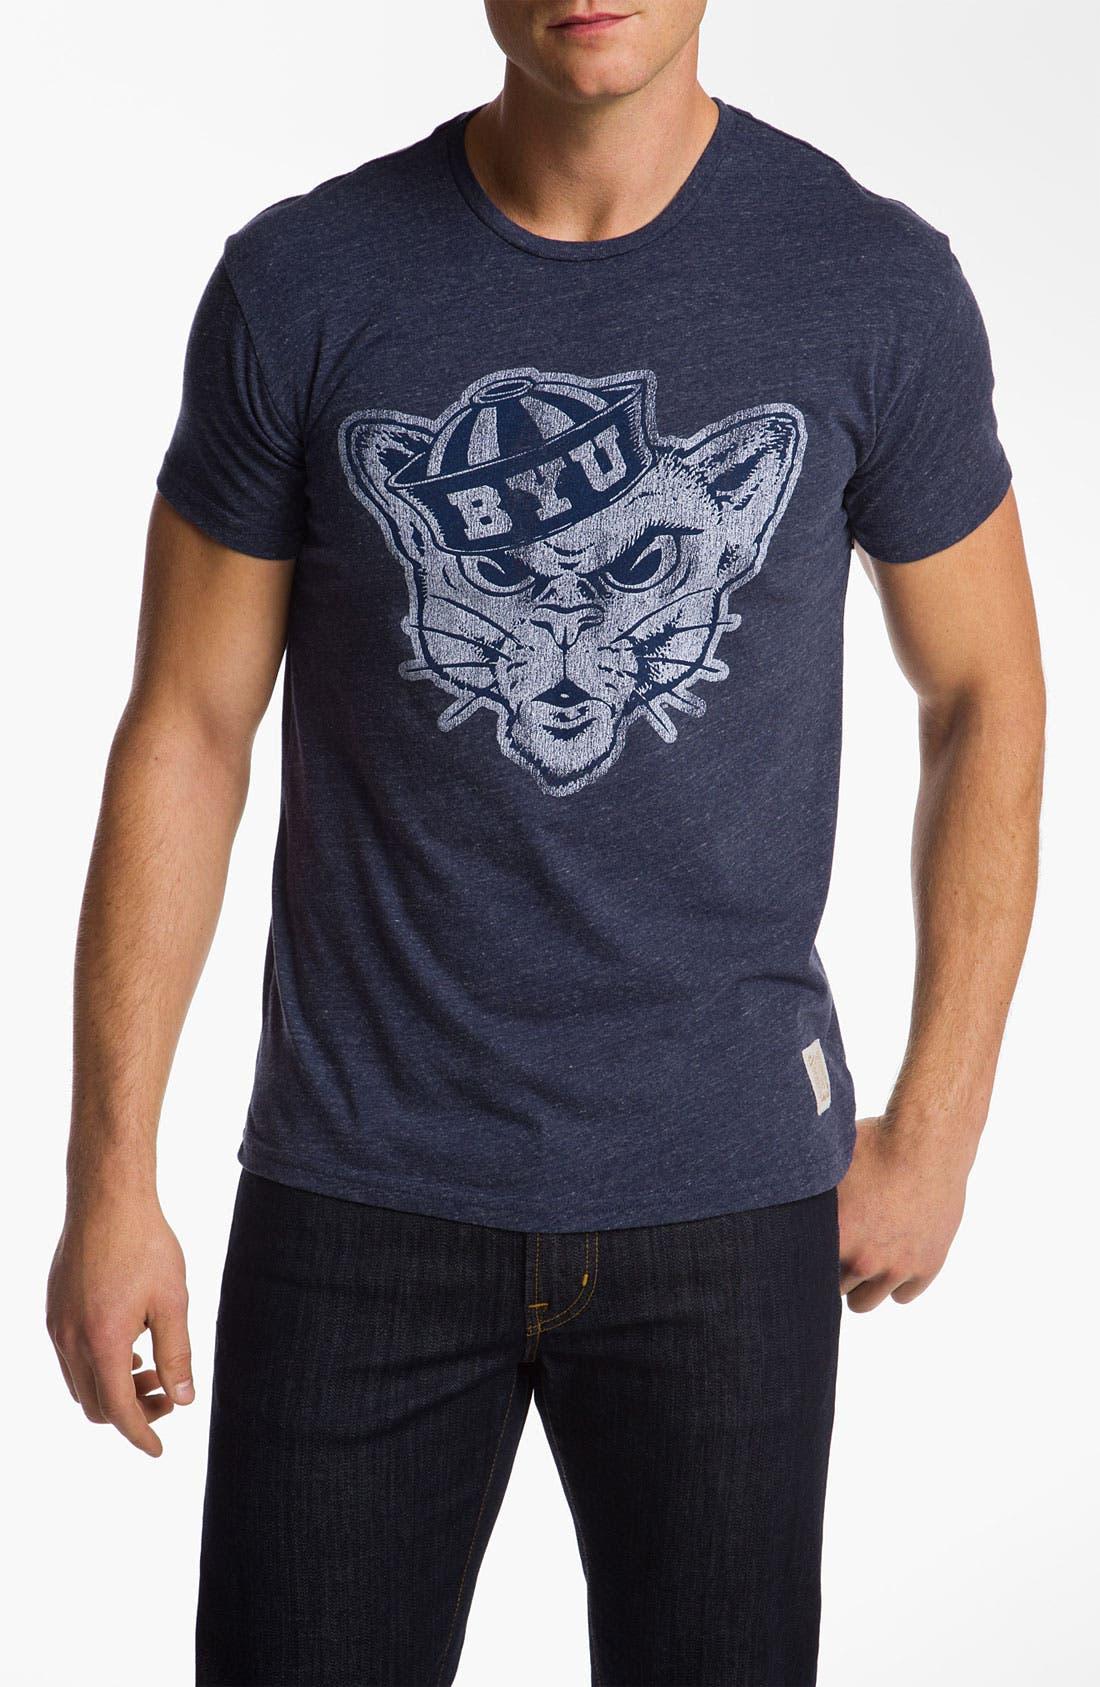 Main Image - The Original Retro Brand 'Brigham Young University' T-Shirt